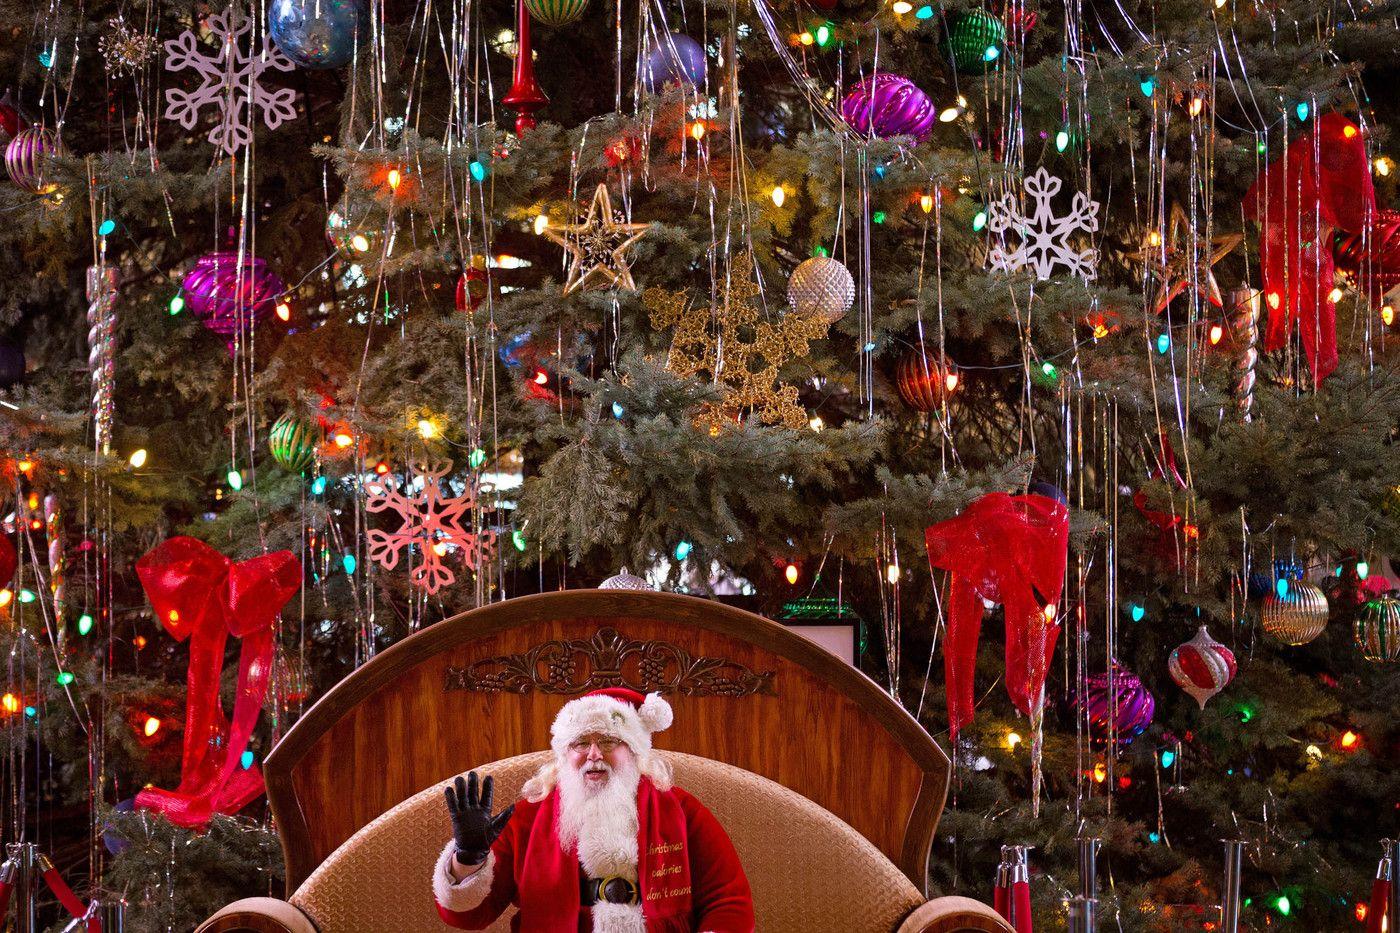 Santa Claus Waves At Kids As Visitors Enjoy Holiday Spirit At The Durham Museum S Christmas At Union Station Large Christmas Tree Christmas Tree Holiday Spirit